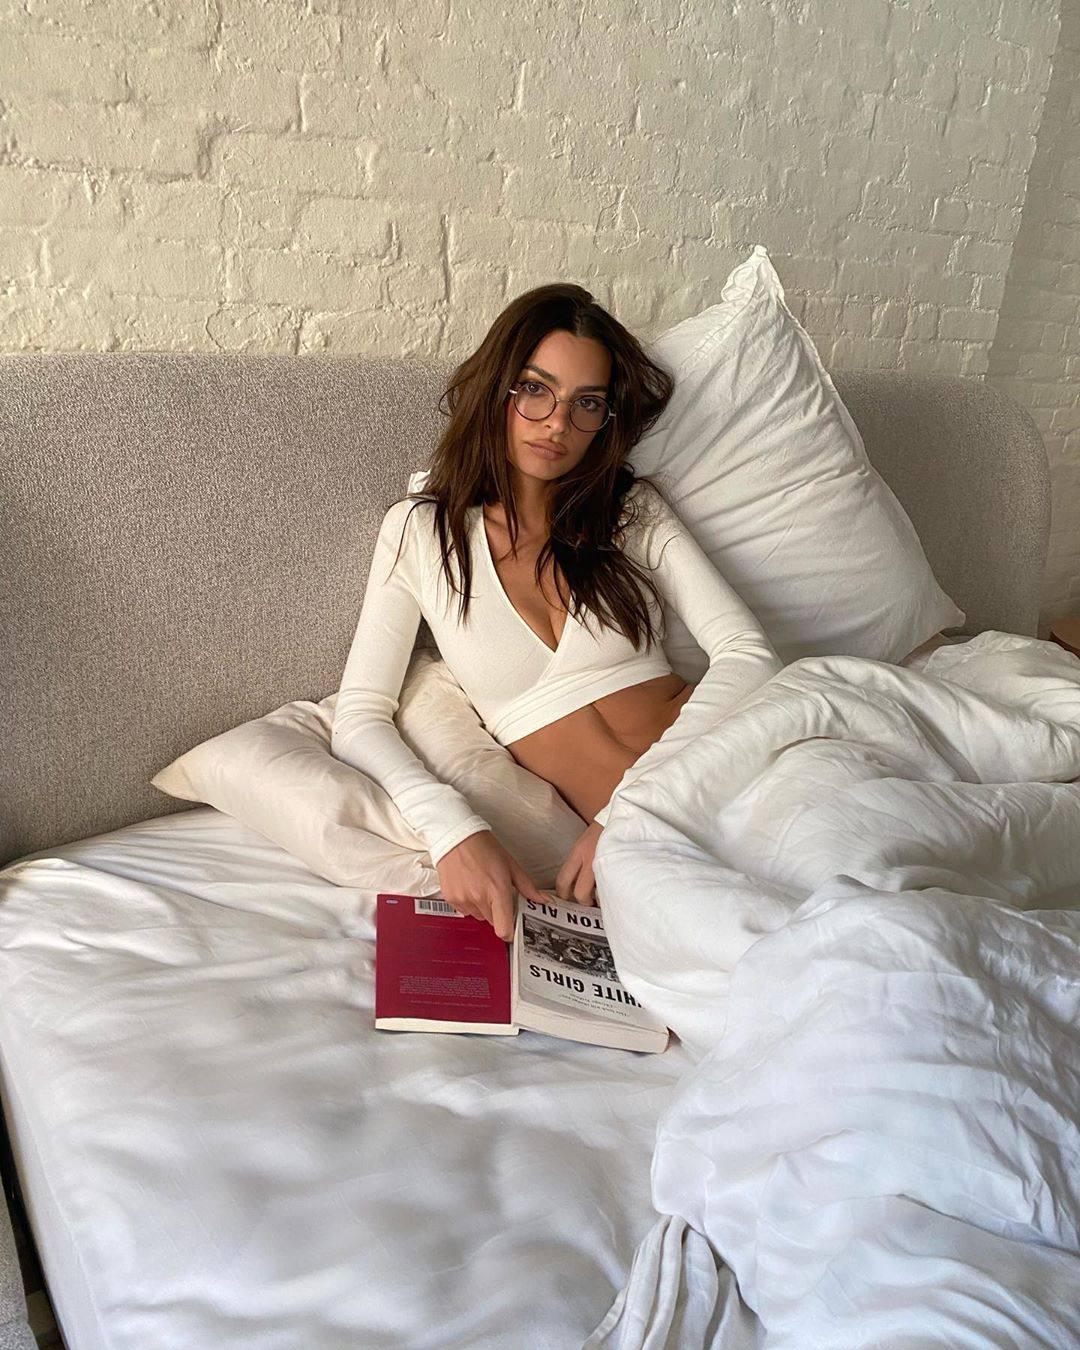 Emily Ratajkowski Sexy In Bed